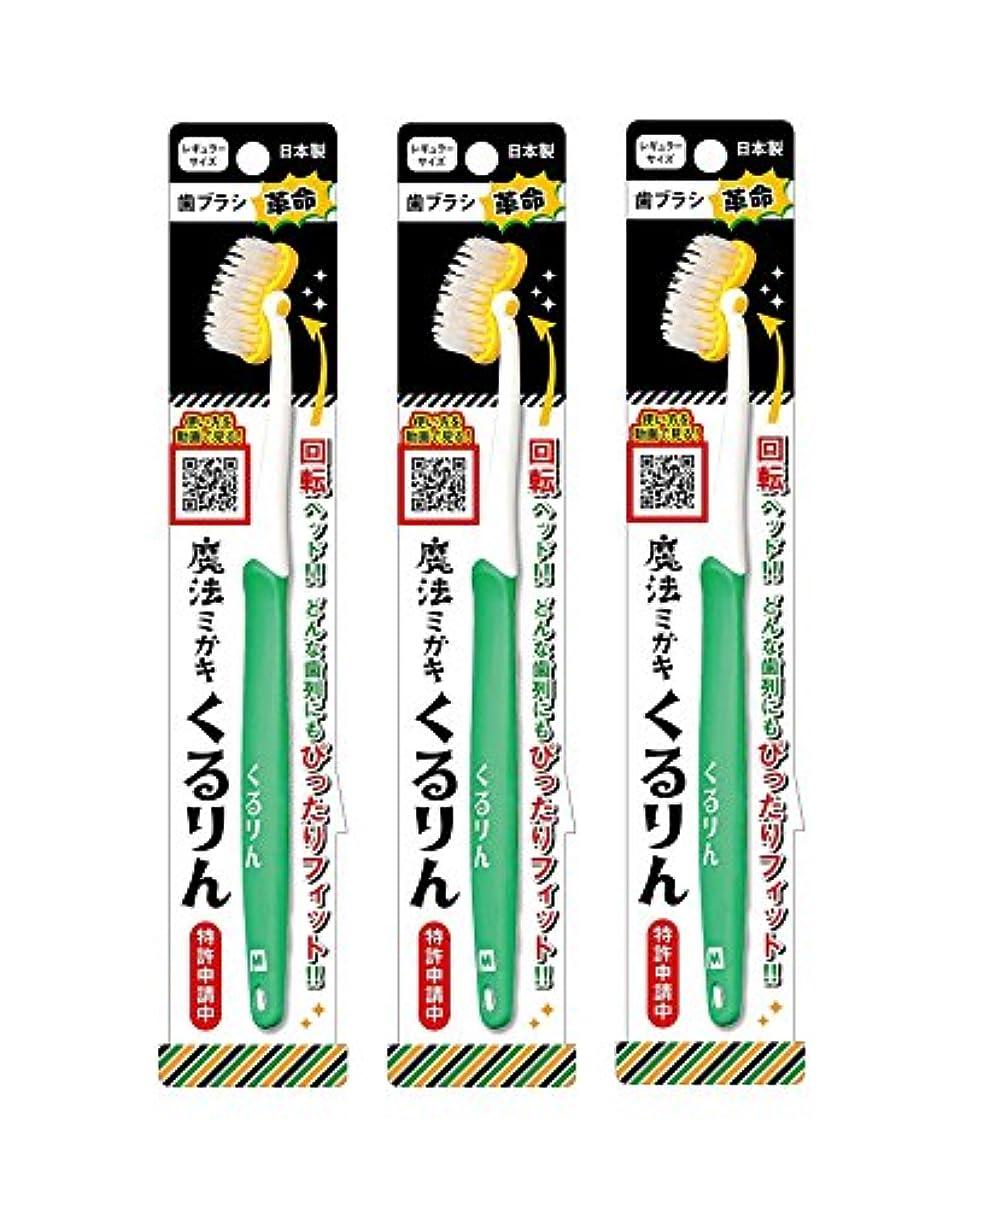 病な若さ構造的歯ブラシ革命 魔法ミガキくるりん MM-151 グリーン 3本セット